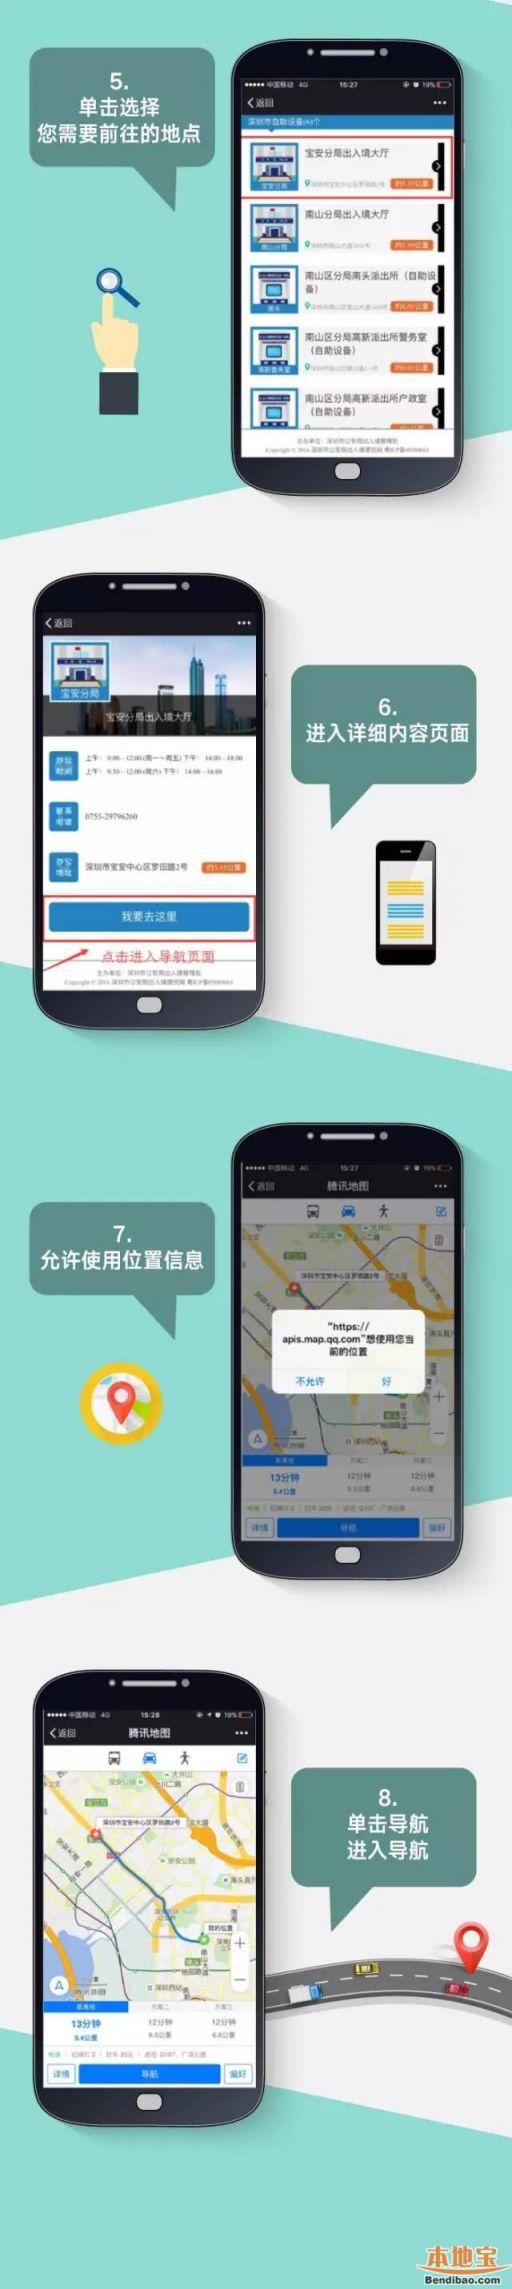 在深圳如何找到附近的出入境办证网点?(图文详解)